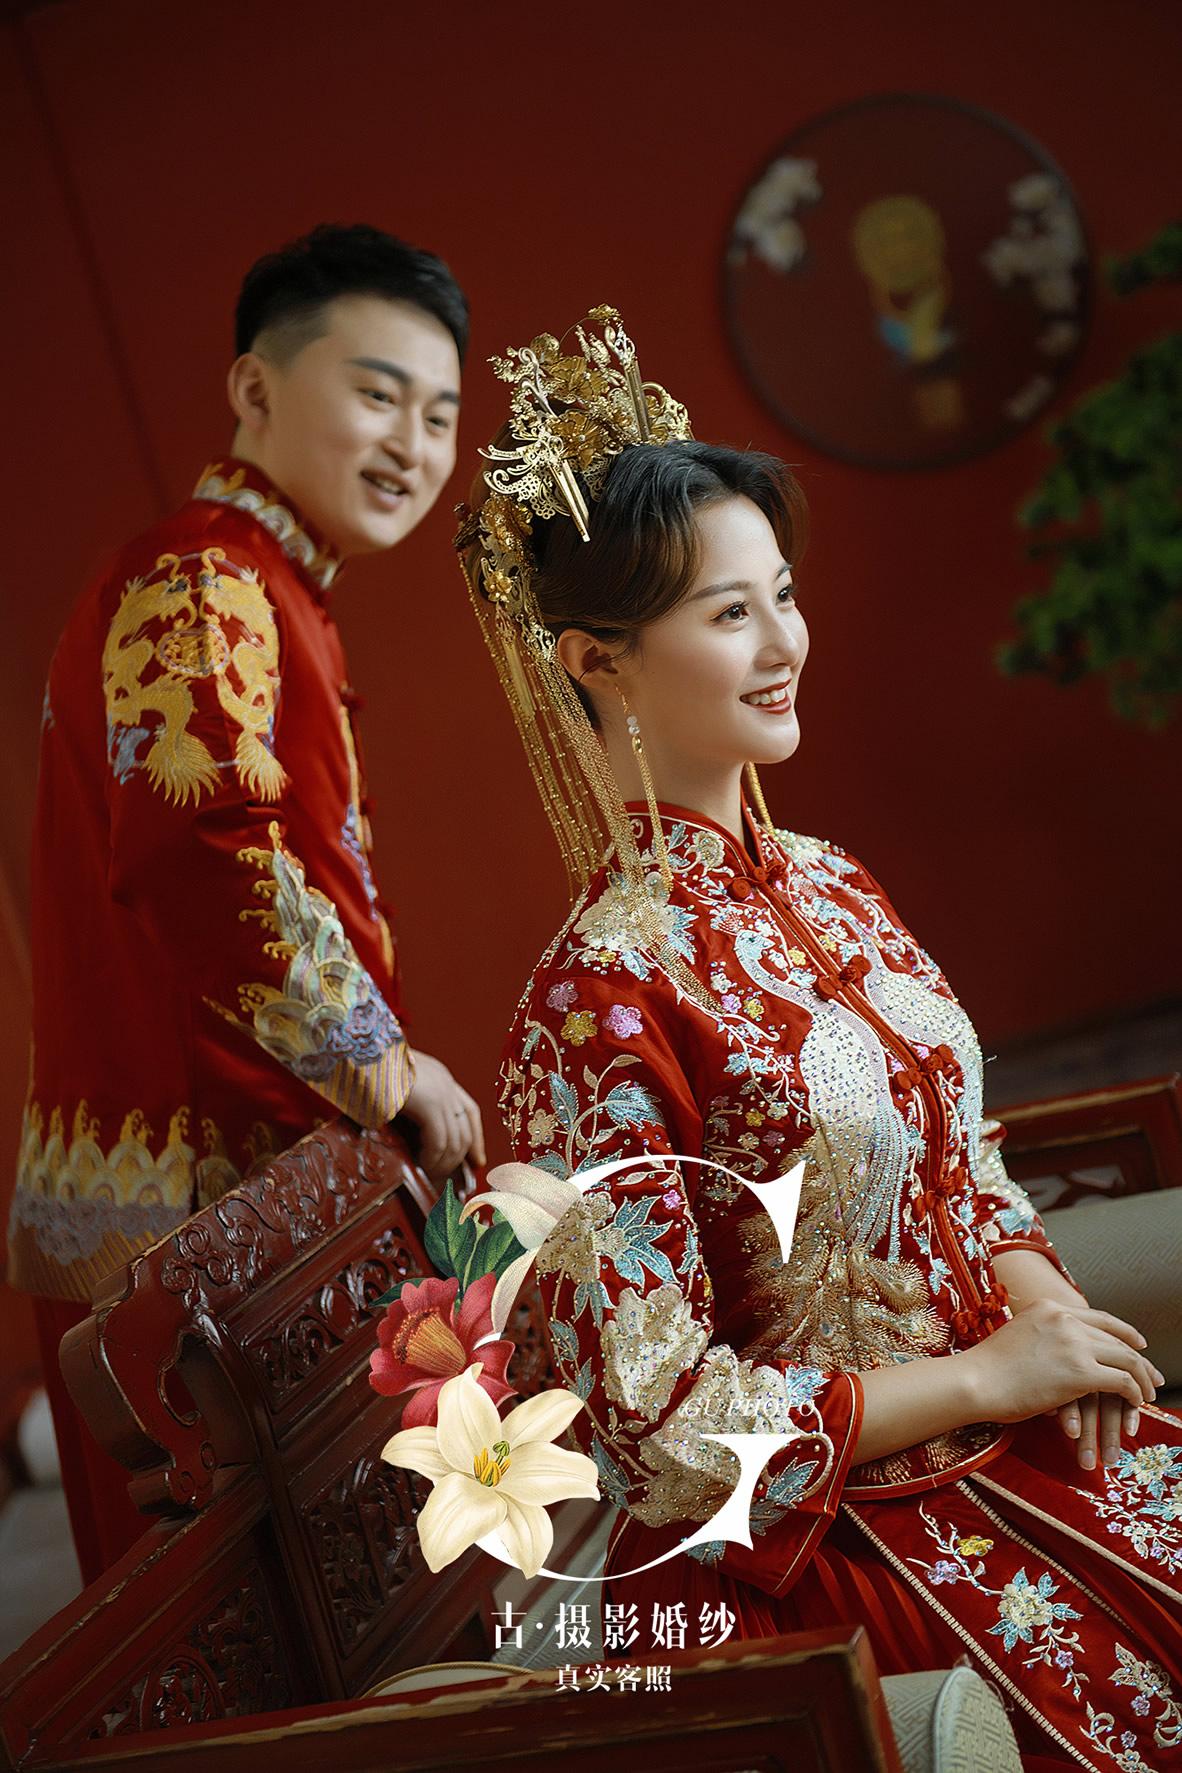 肖先生 代小姐 - 每日客照 - 广州婚纱摄影-广州古摄影官网